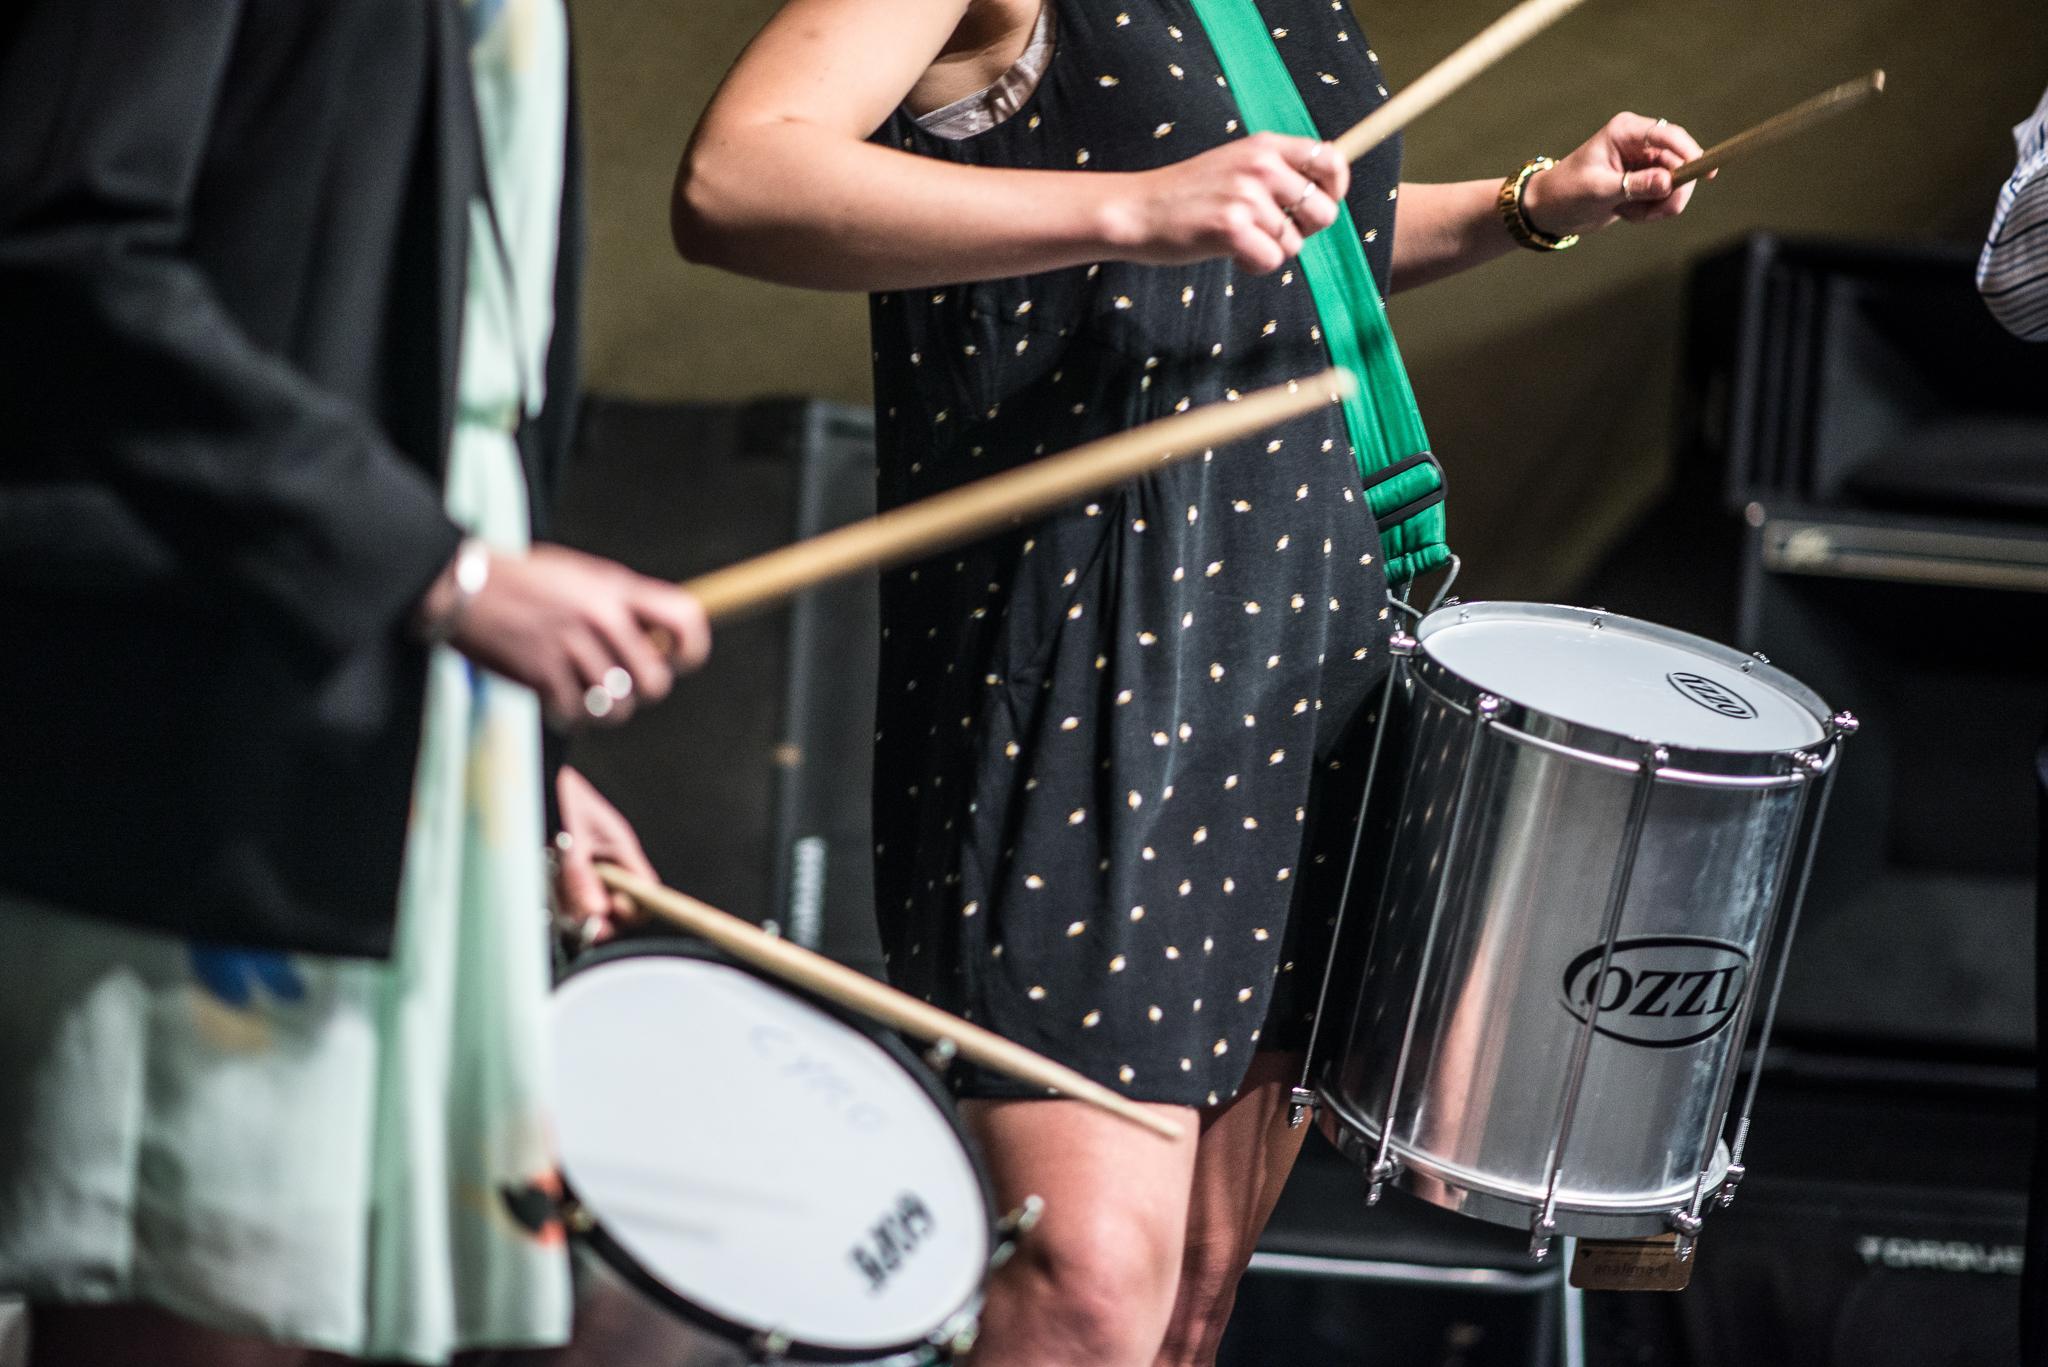 Monika_Piotrowska_Drum_Session-91